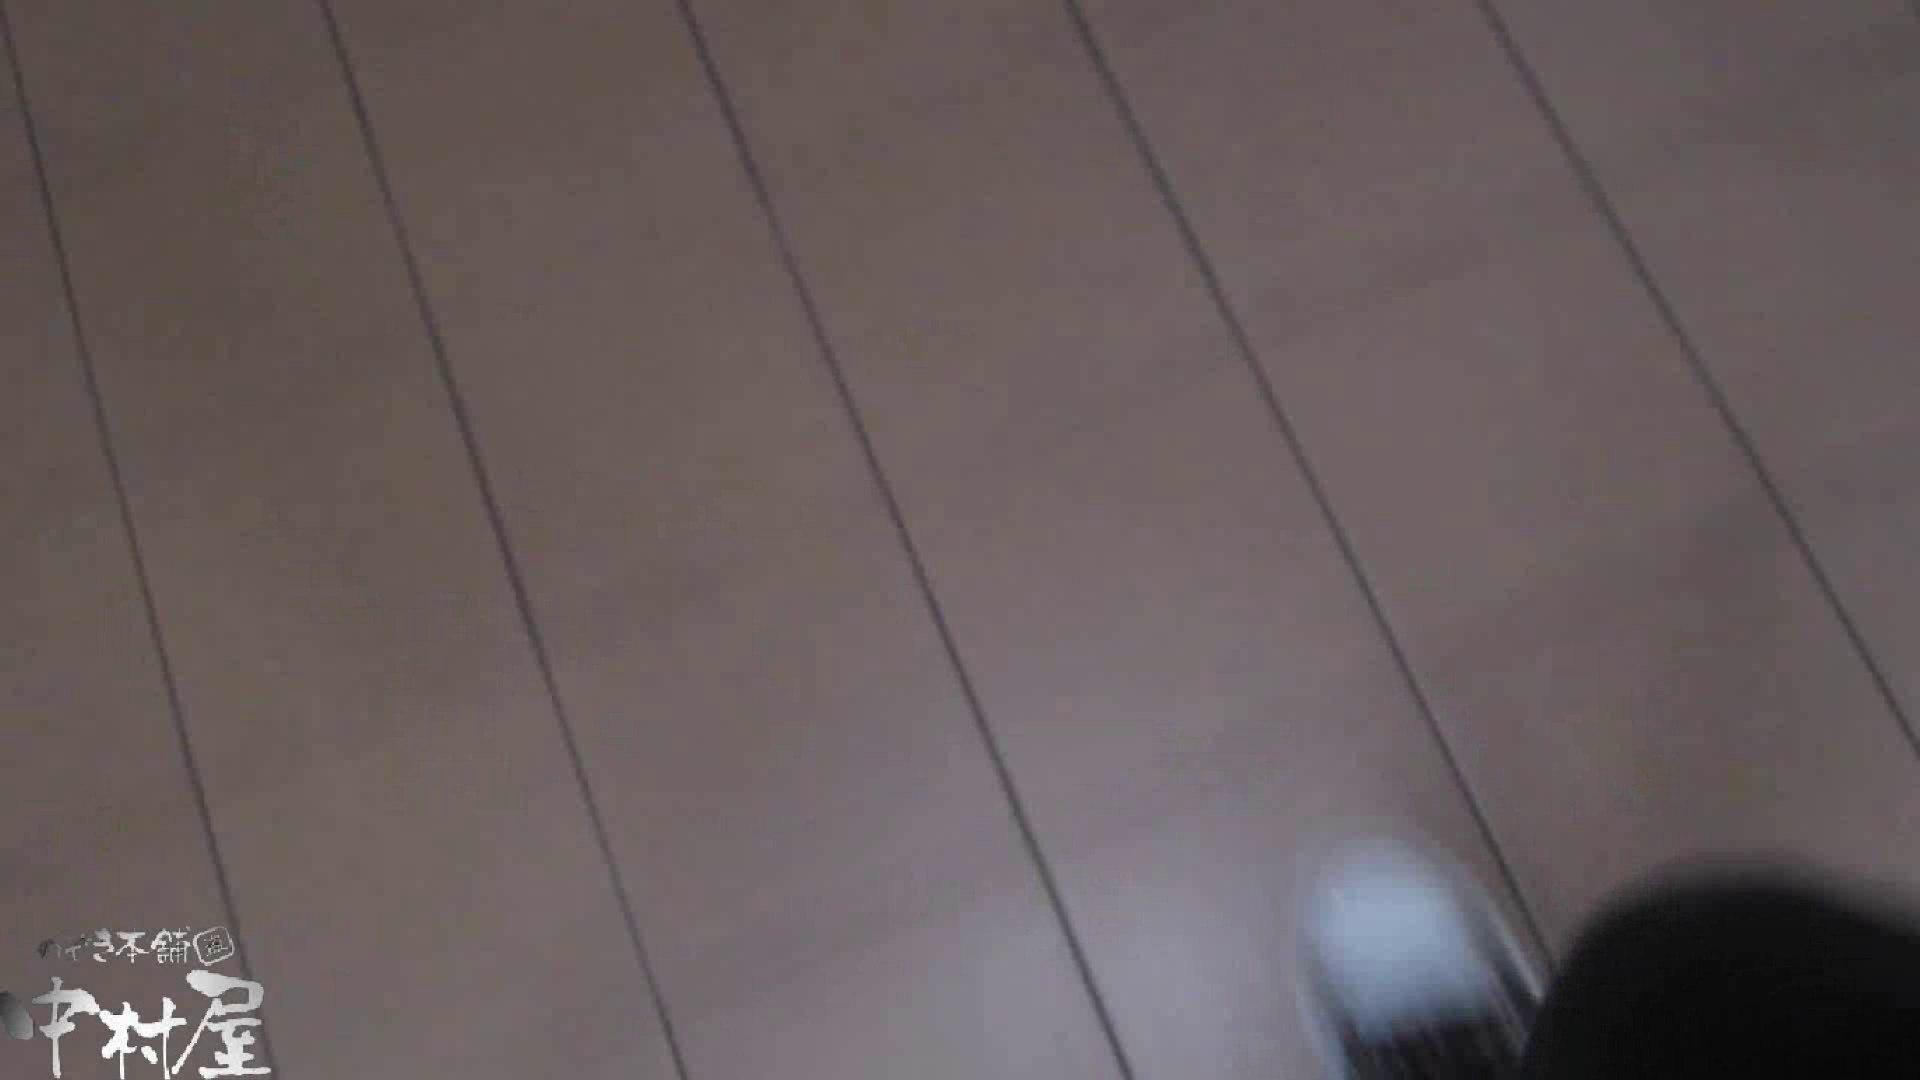 魂のかわや盗撮62連発! ドデカイ空爆! 14発目! 盗撮シリーズ  92PIX 24